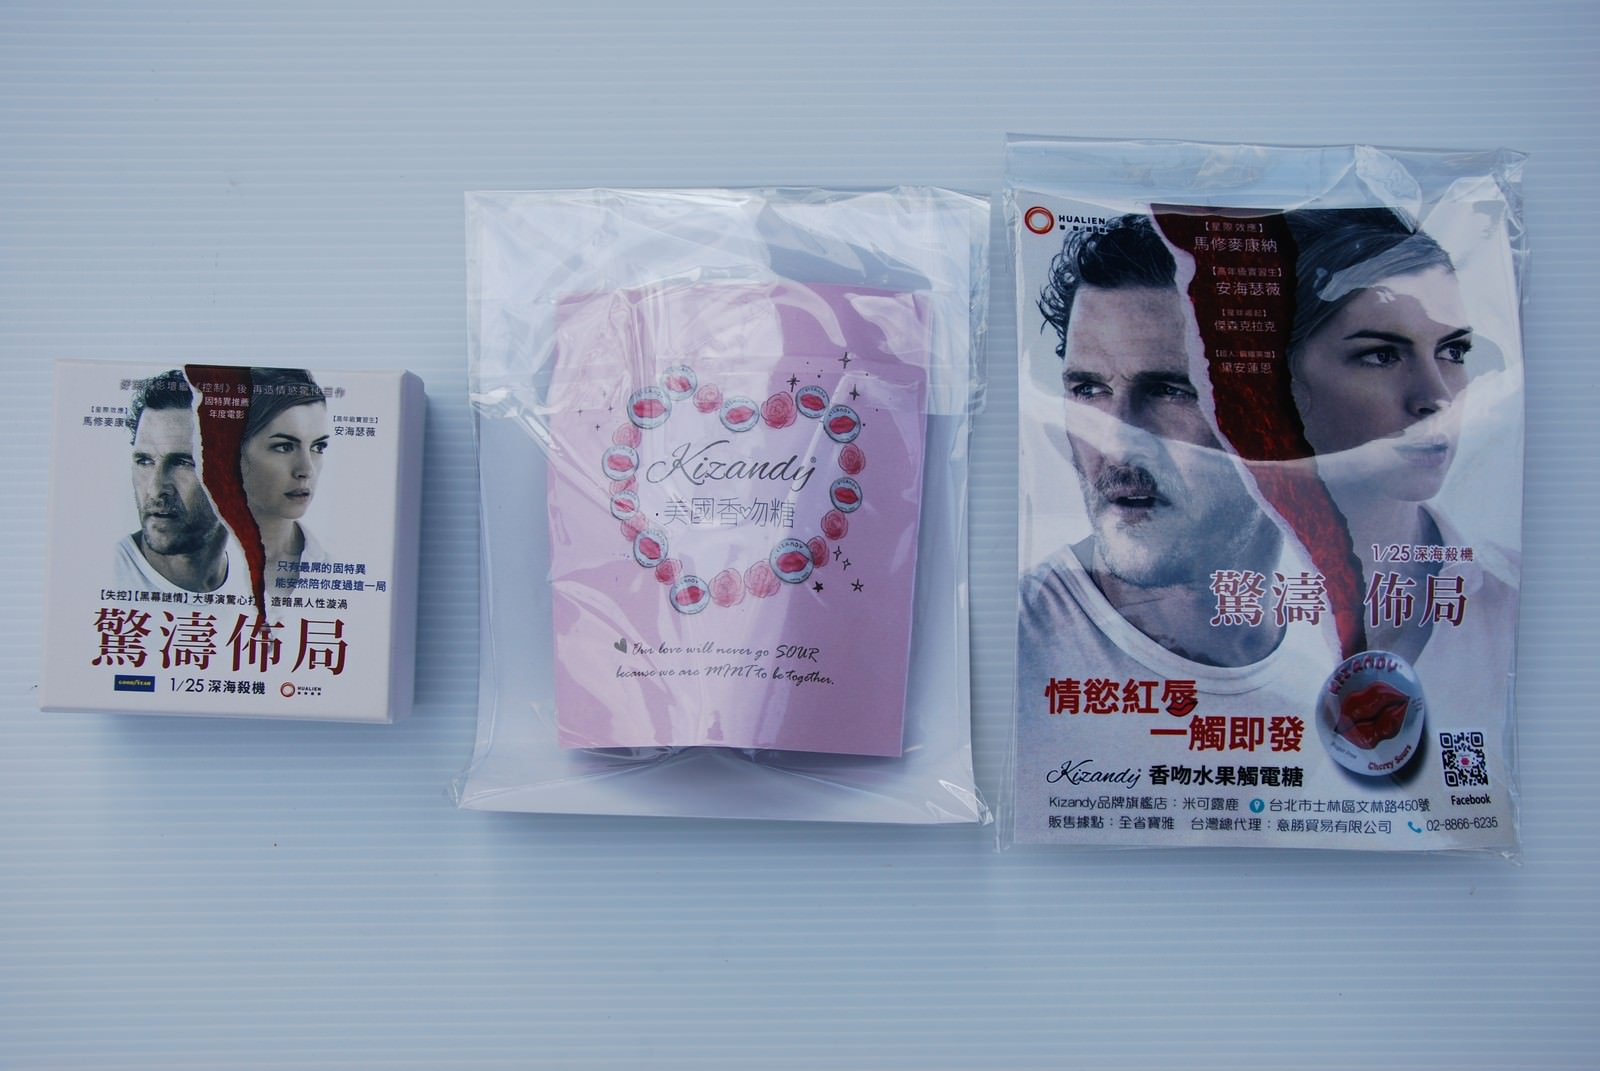 Movie, Serenity(美國, 2019年) / 驚濤佈局(台灣) / 宁静(網路), 特映會小禮物